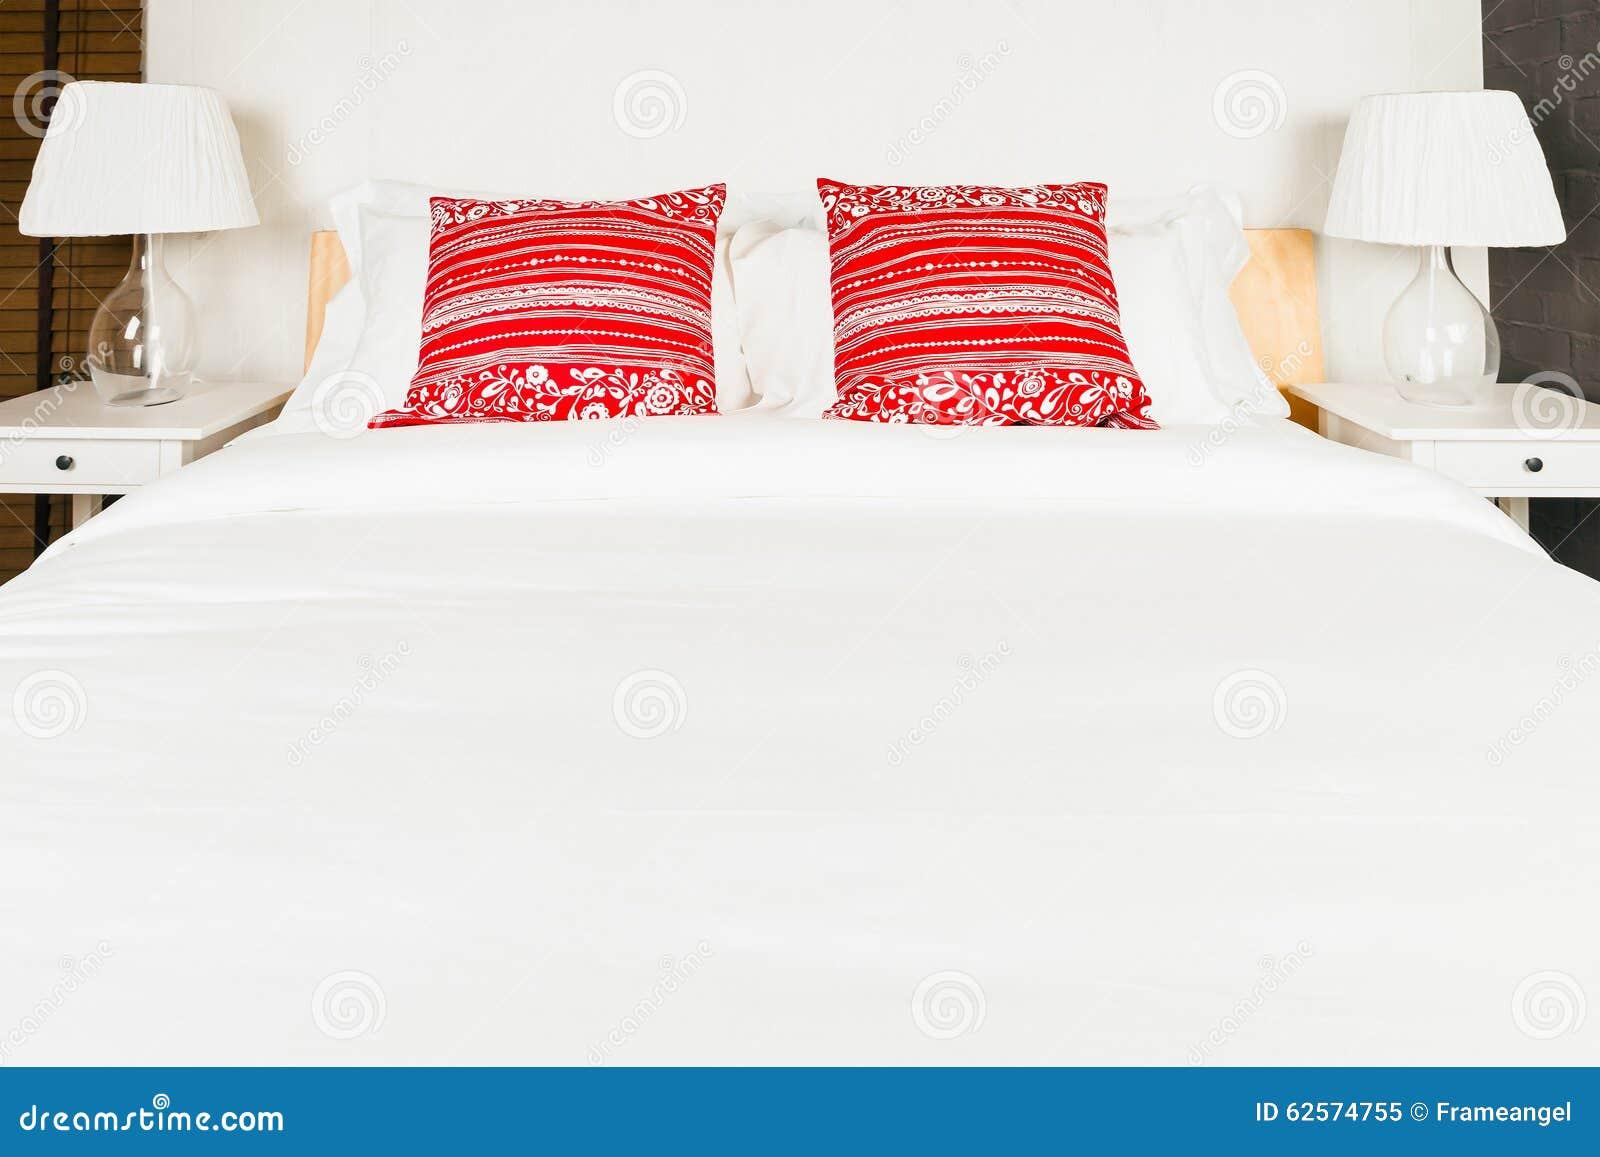 Camere Da Letto Rosse E Bianche : Cuscino rosso sulla camera da letto con il lenzuolo e la lampada